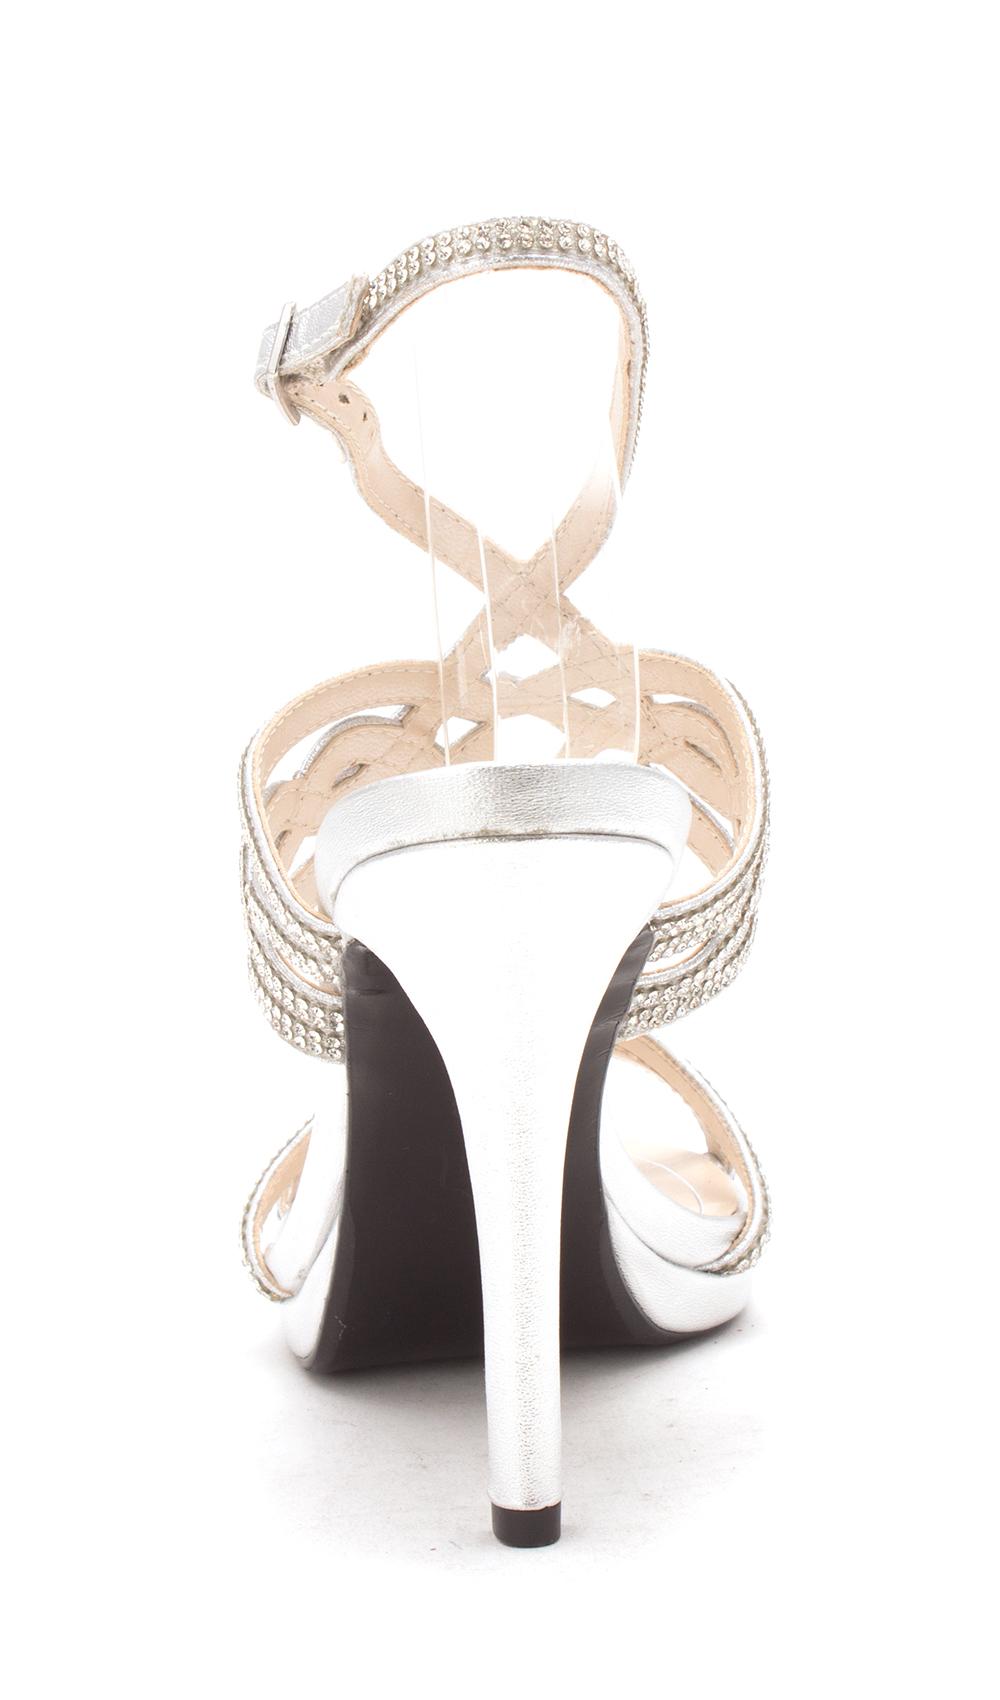 Caparros Damenschuhe Damenschuhe Caparros heather Open Toe Bridal Slingback Sandales a42026